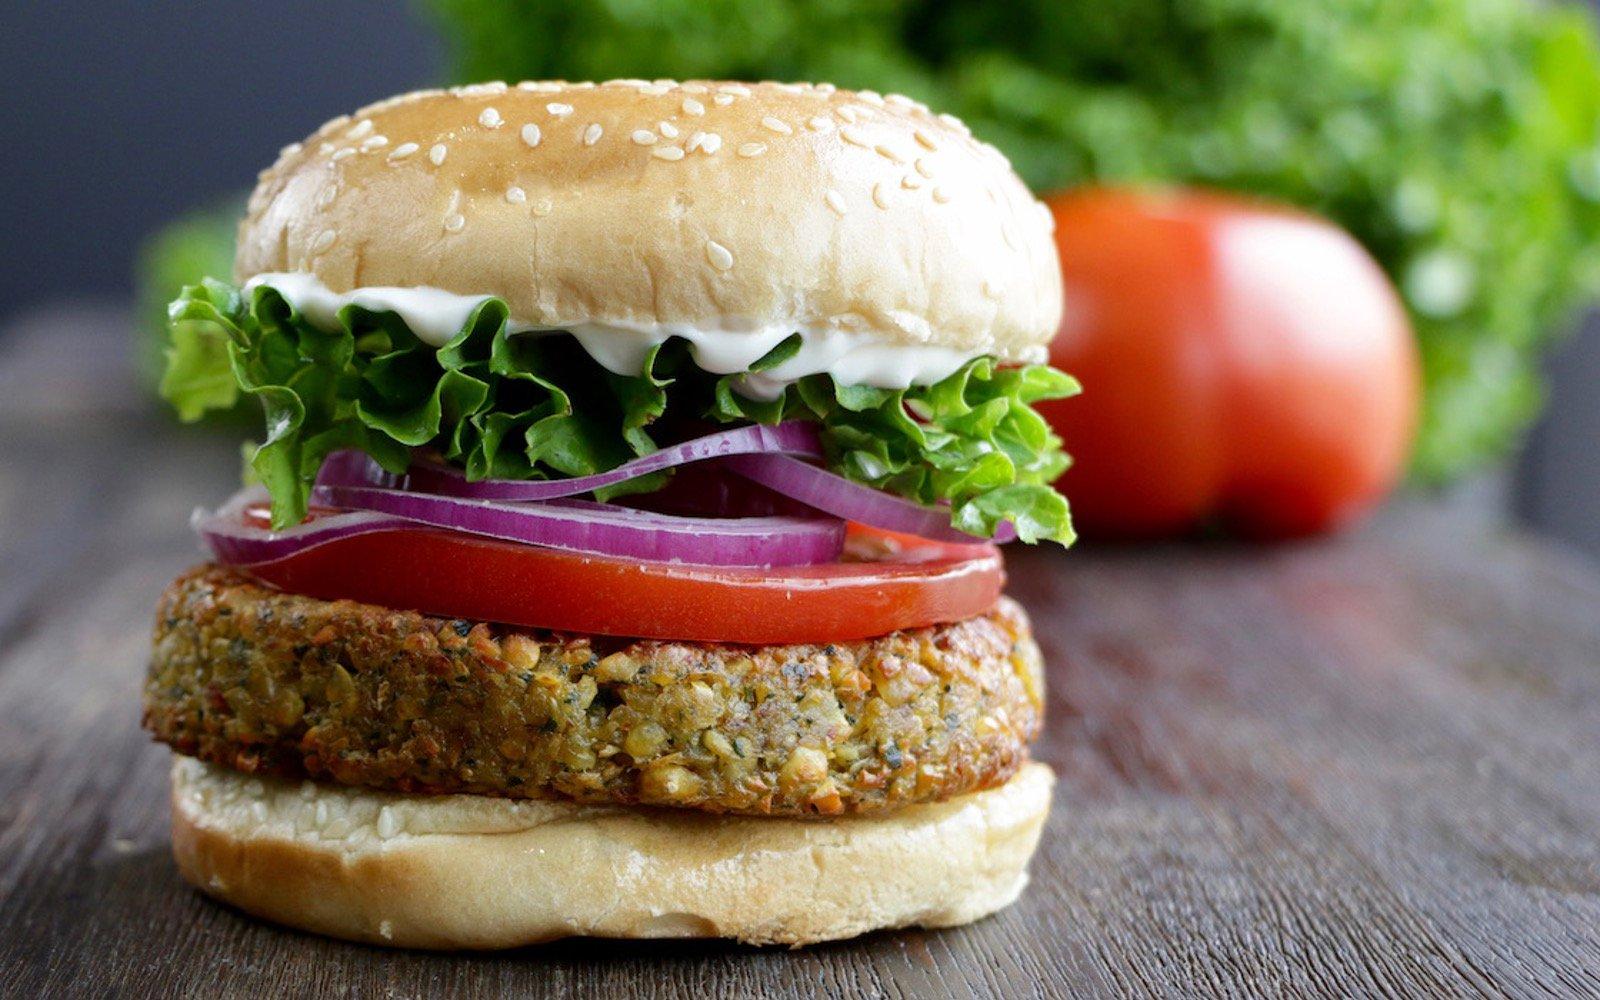 Vegan herby chickpea burgers